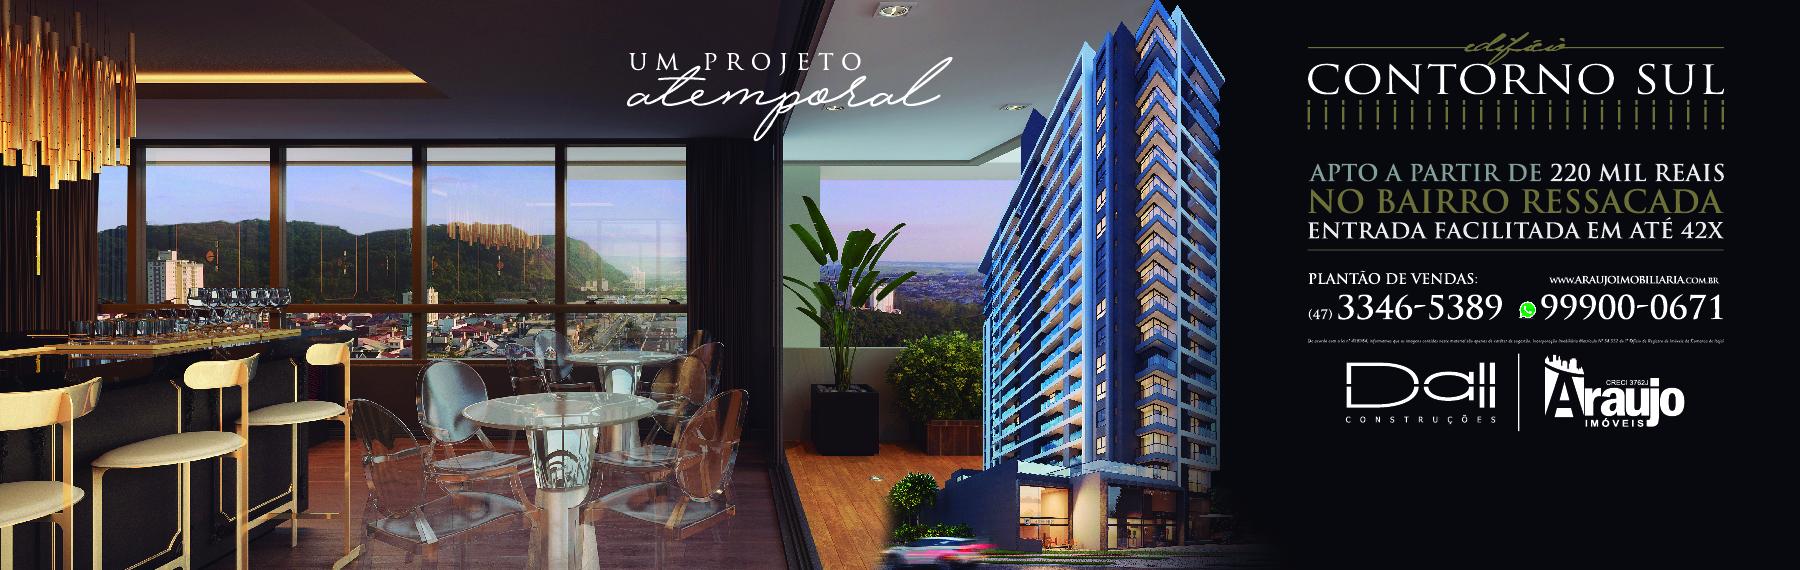 Edifício Residencial Contorno Sul - Itajaí